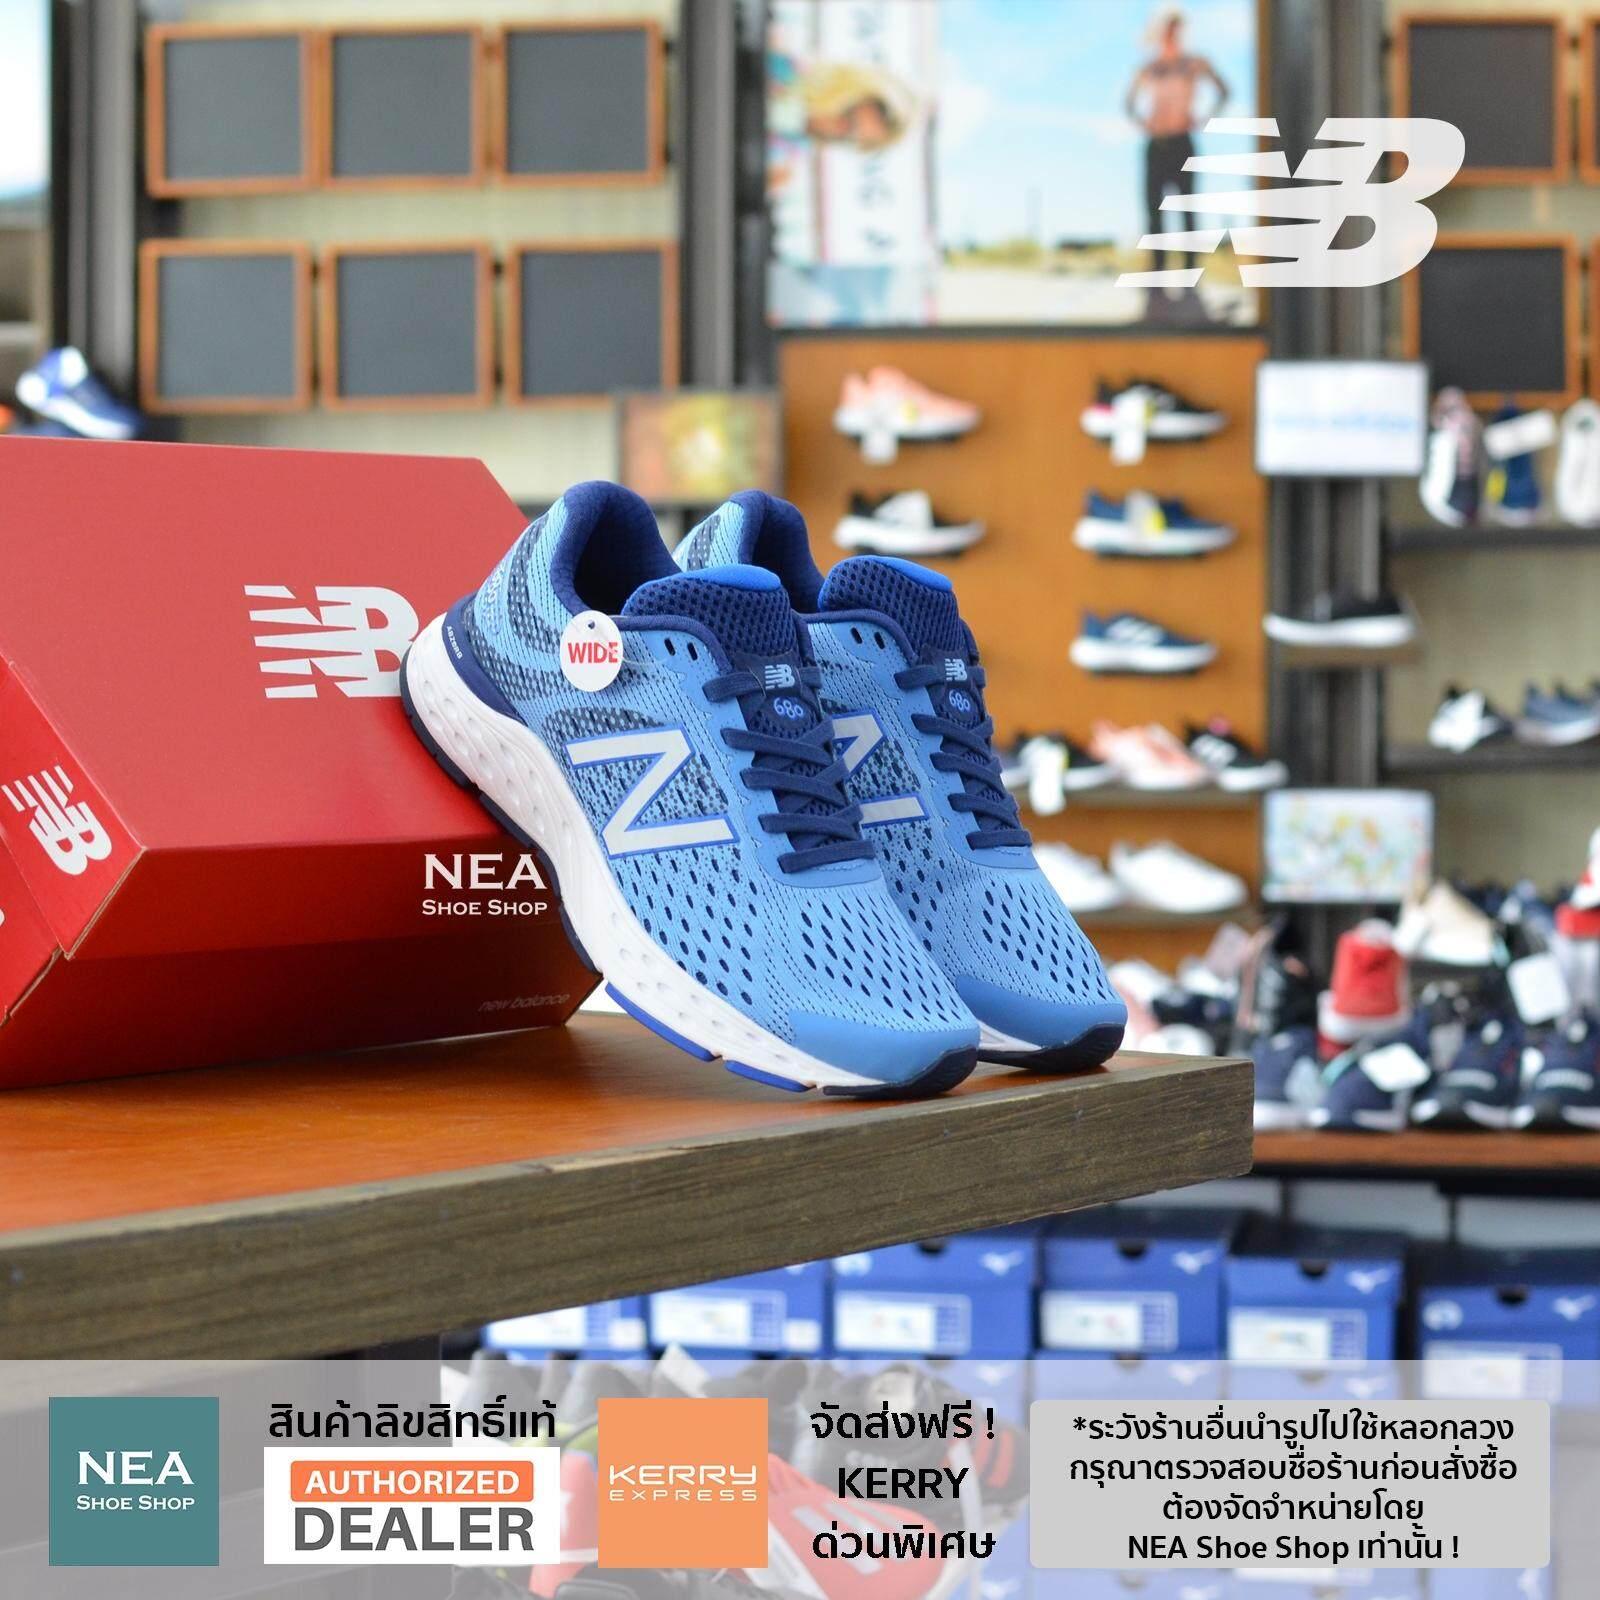 ยี่ห้อไหนดี  ขอนแก่น [ลิขสิทธิ์แท้] New Balance 680 V6 Blue/Navy [W] รองเท้าผ้าใบ นิวบาลานซ์ แท้ ผู้หญิง รองรับการวิ่ง W680CB6